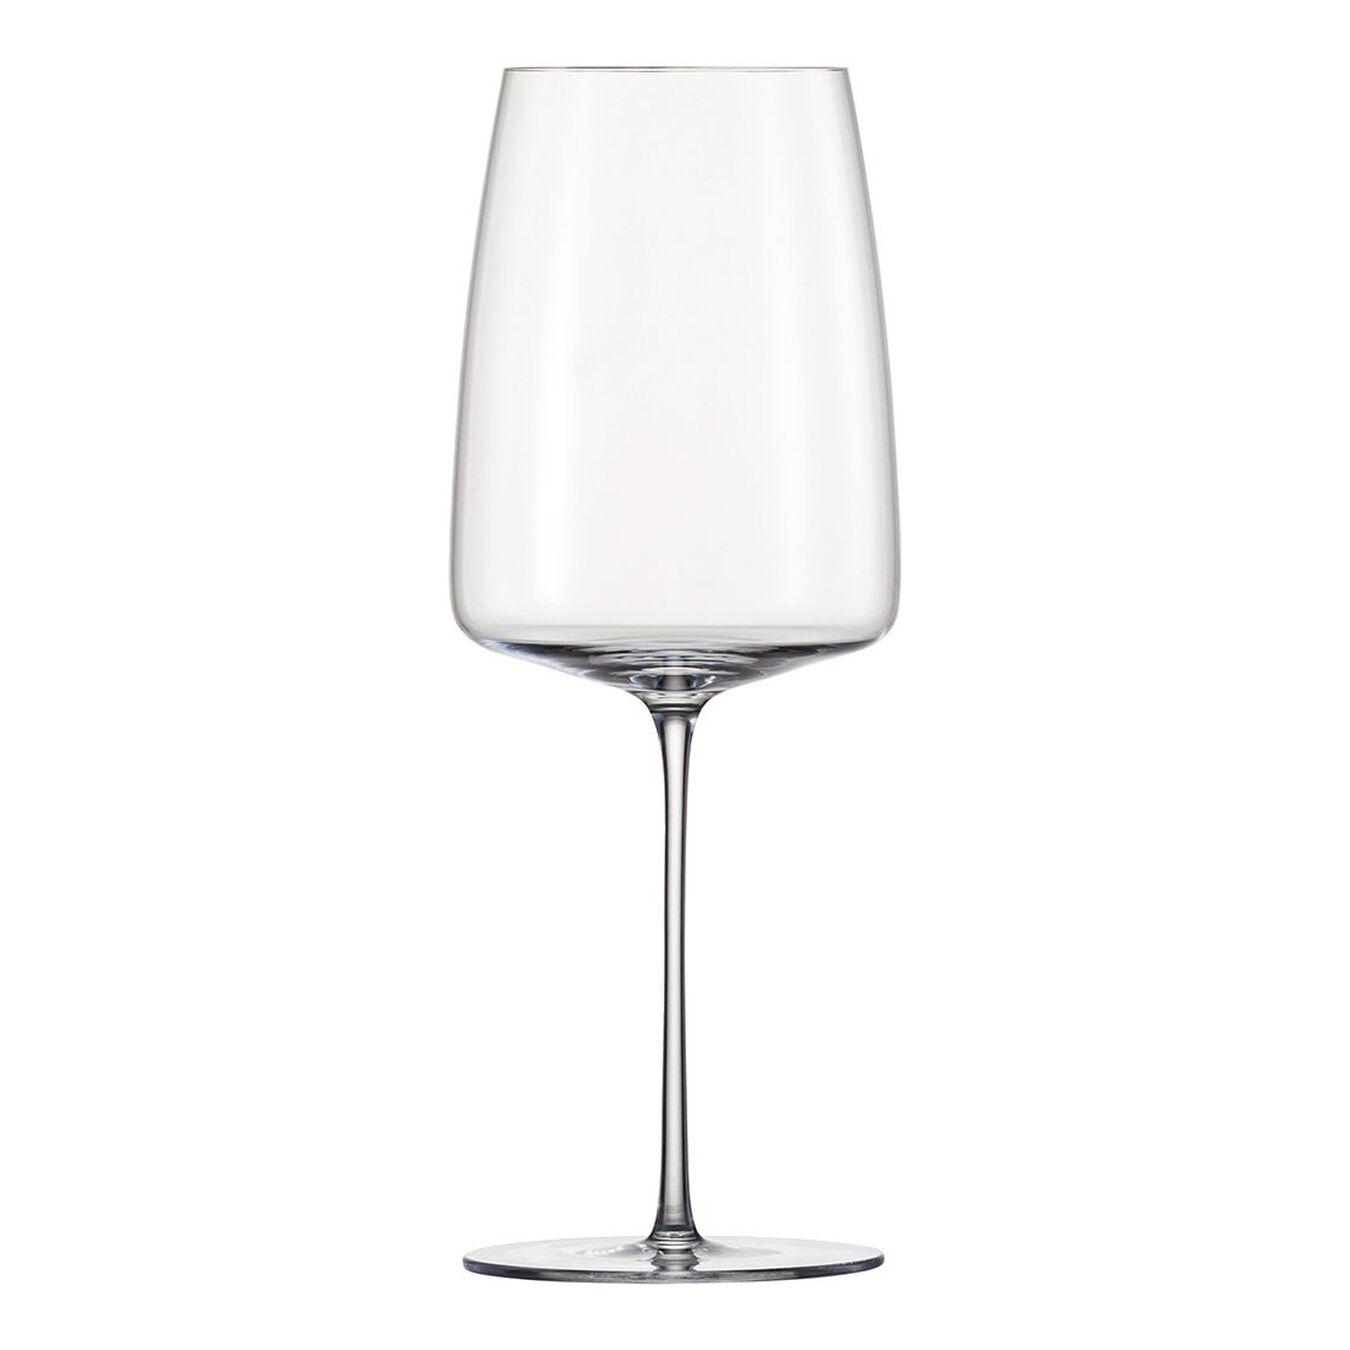 Beyaz Şarap Kadehi, 550 ml,,large 1